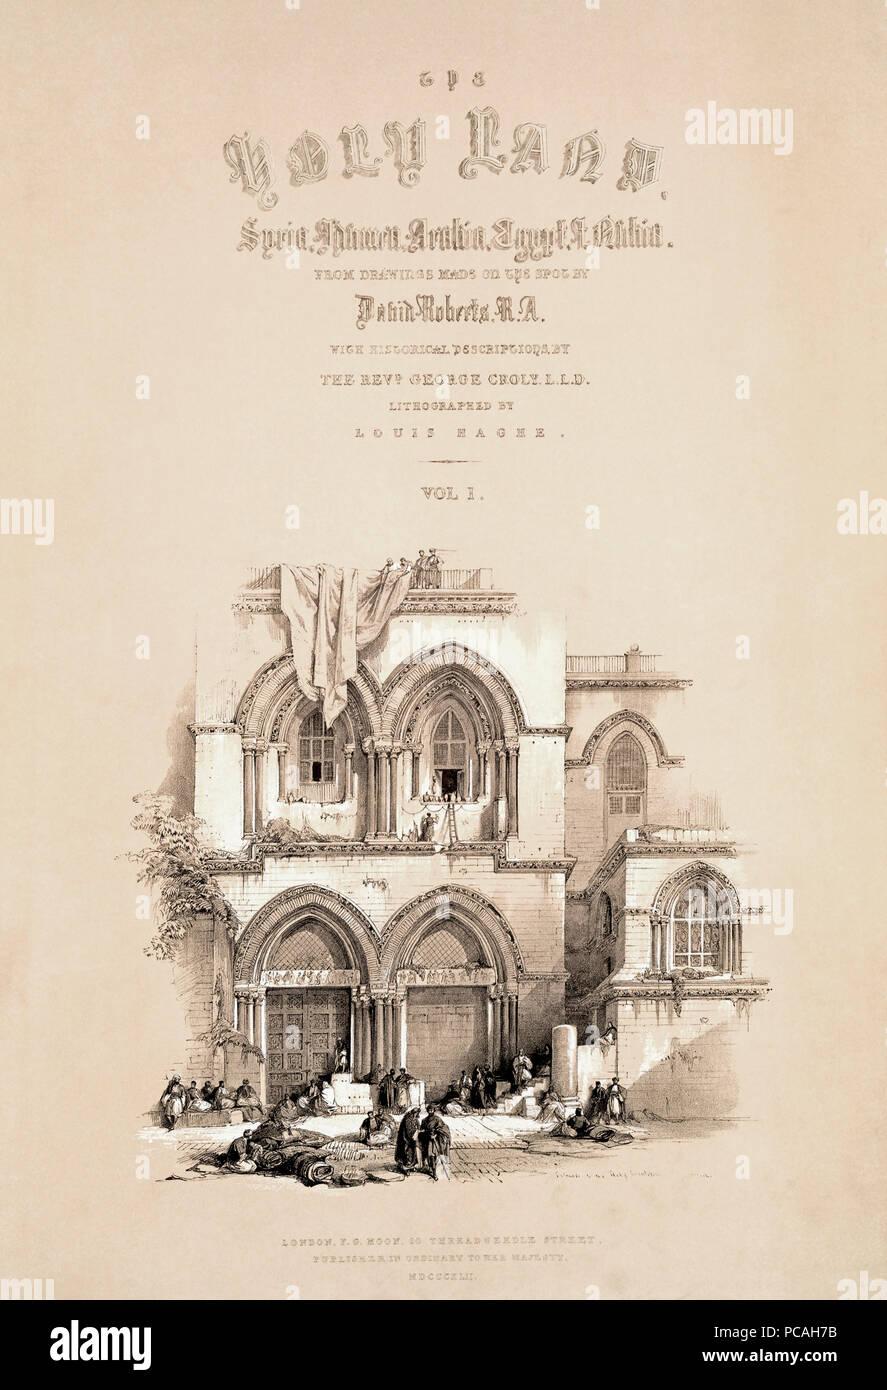 Titolo pagina del 1842 edizione del primo volume di Terra Santa da artista scozzese David Roberts, 1796-1864, e litografo belga Louis Haghe, 1806-1885. Immagini Stock